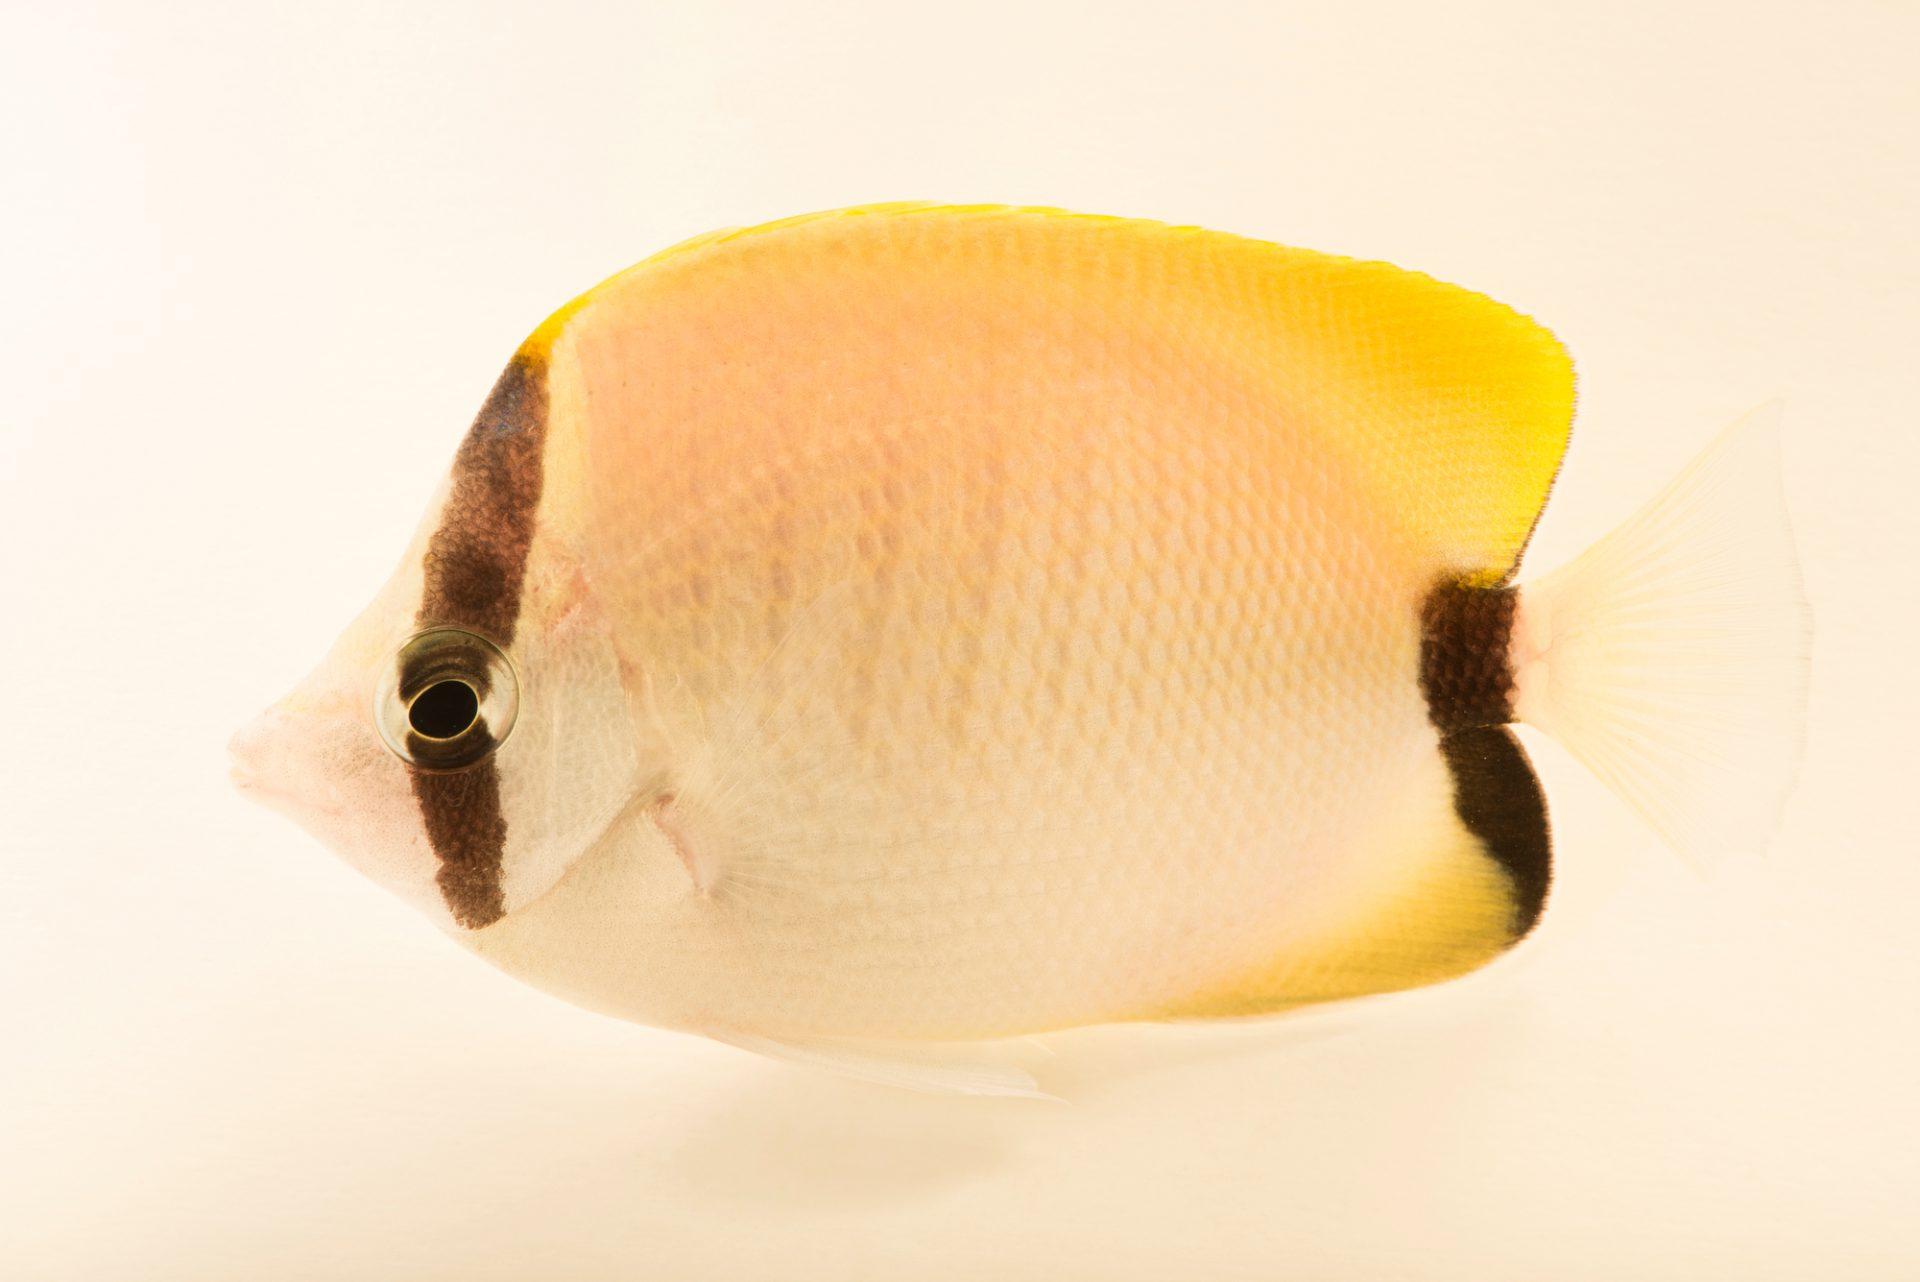 Photo: Reef butterflyfish (Chaetodon sedentarius) at the Dallas Children's Aquarium.